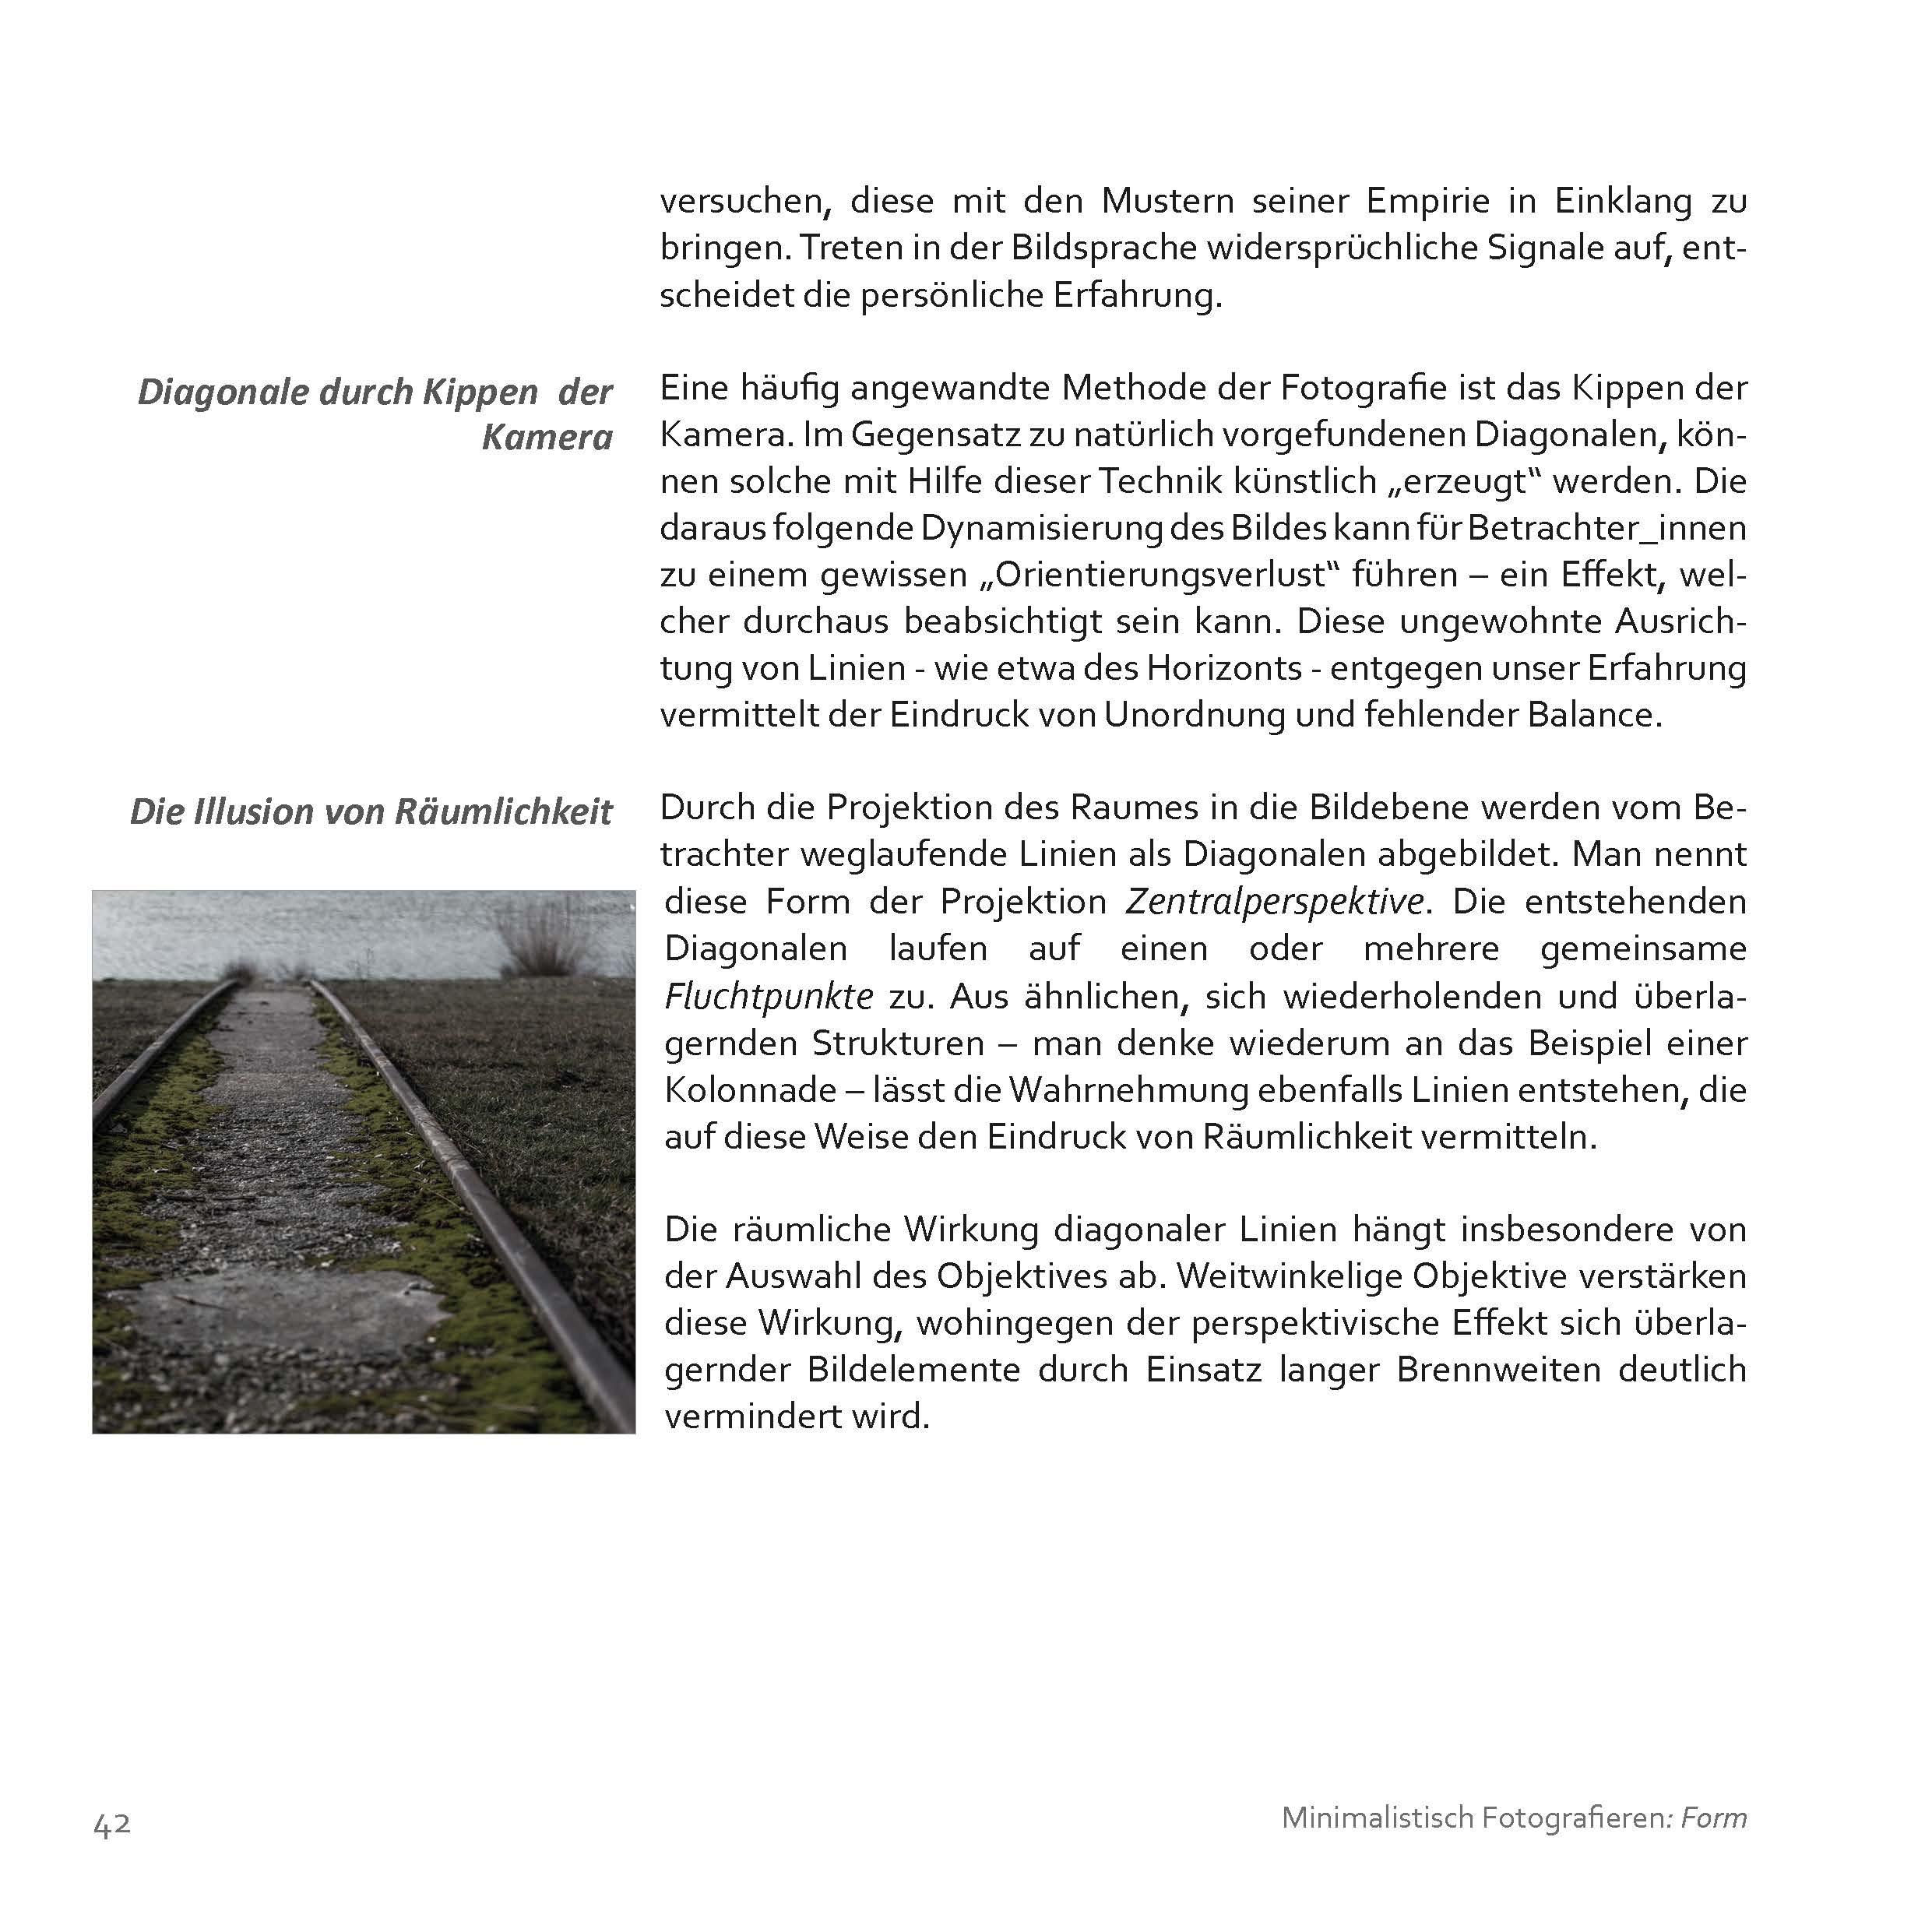 diplomarbeit-rnadrchal_Seite_042.jpg